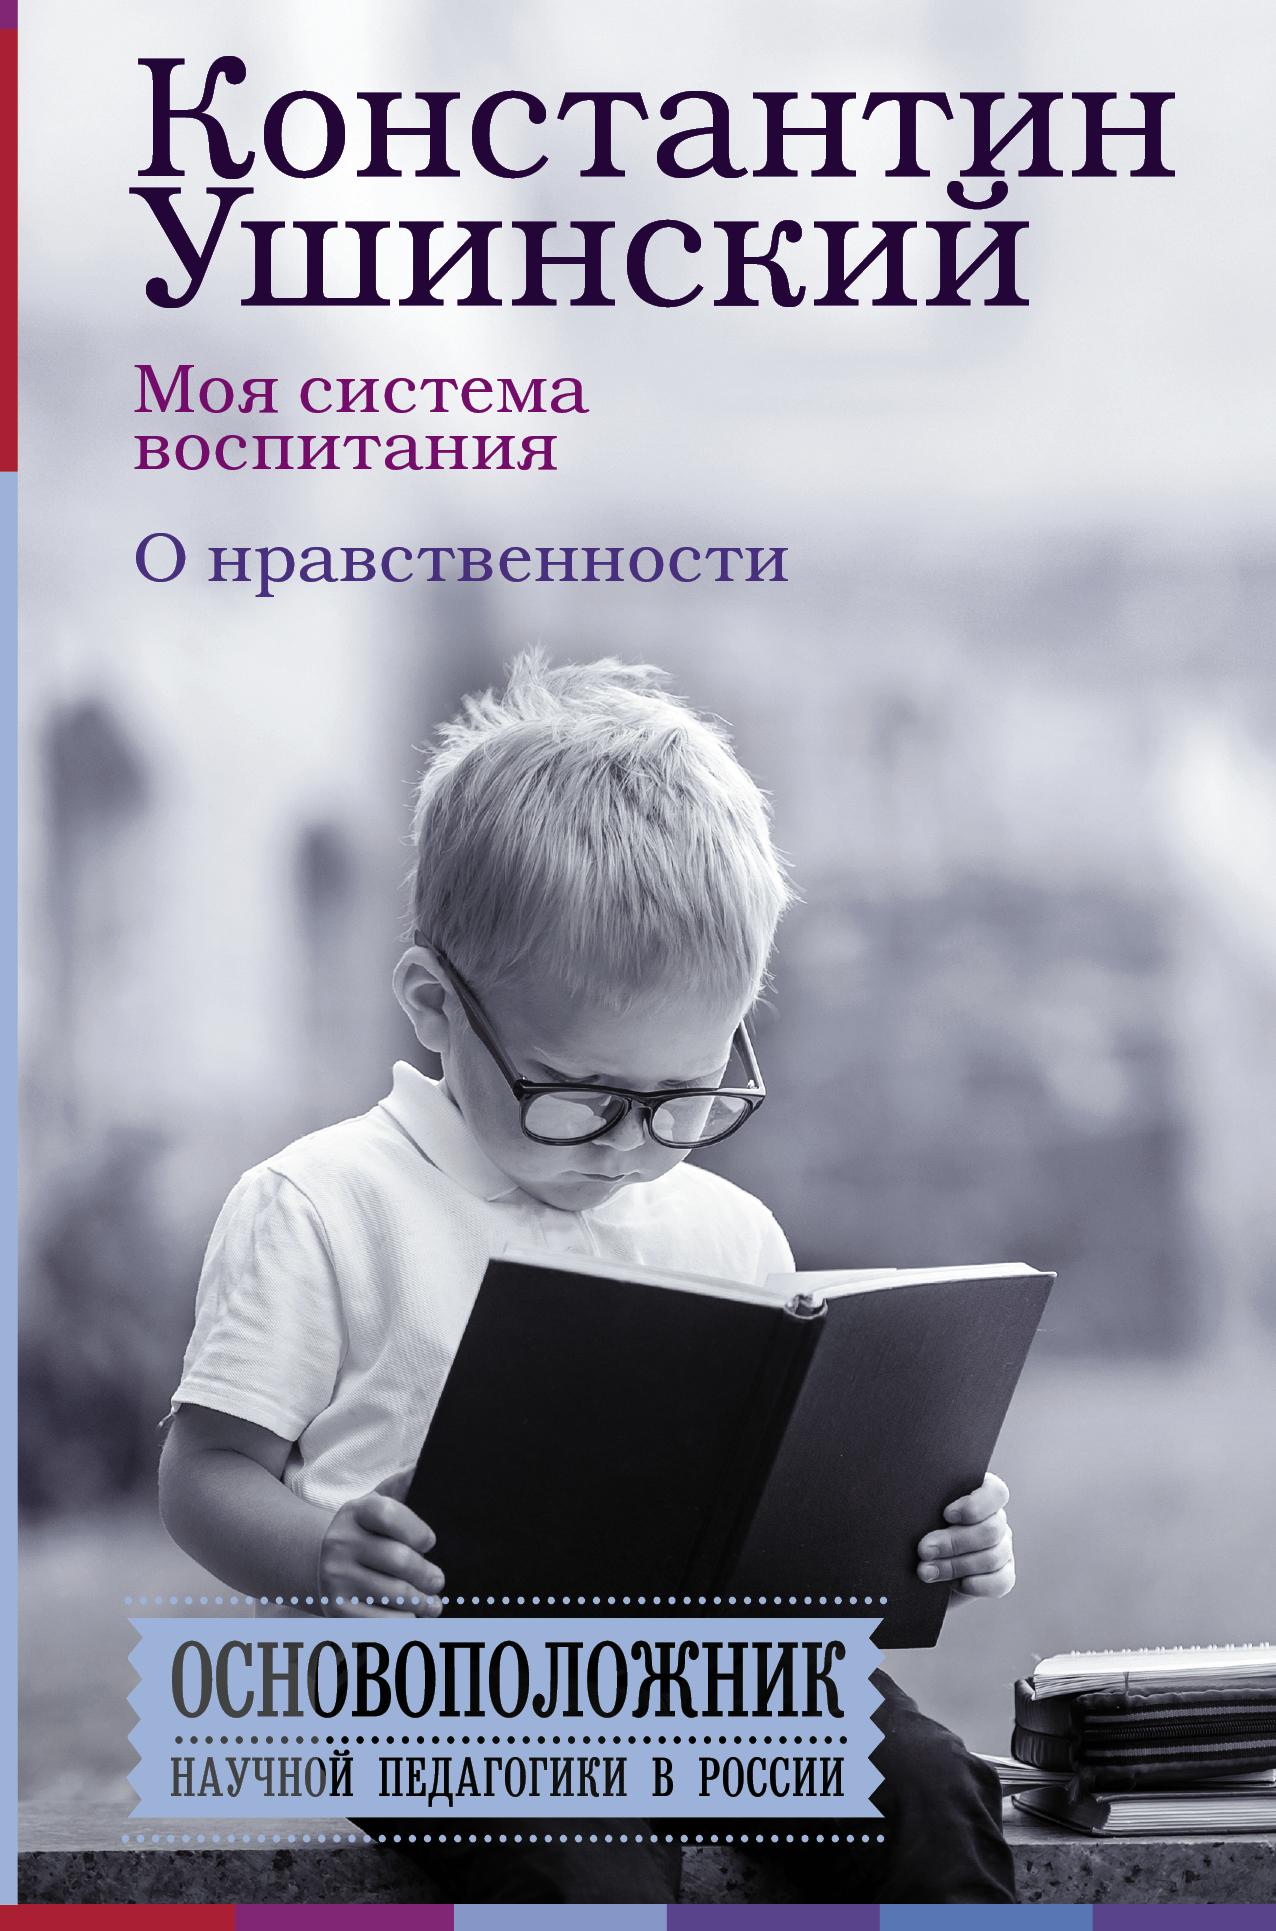 К. Д. Ушинский Моя система воспитания. О нравственности (сборник)